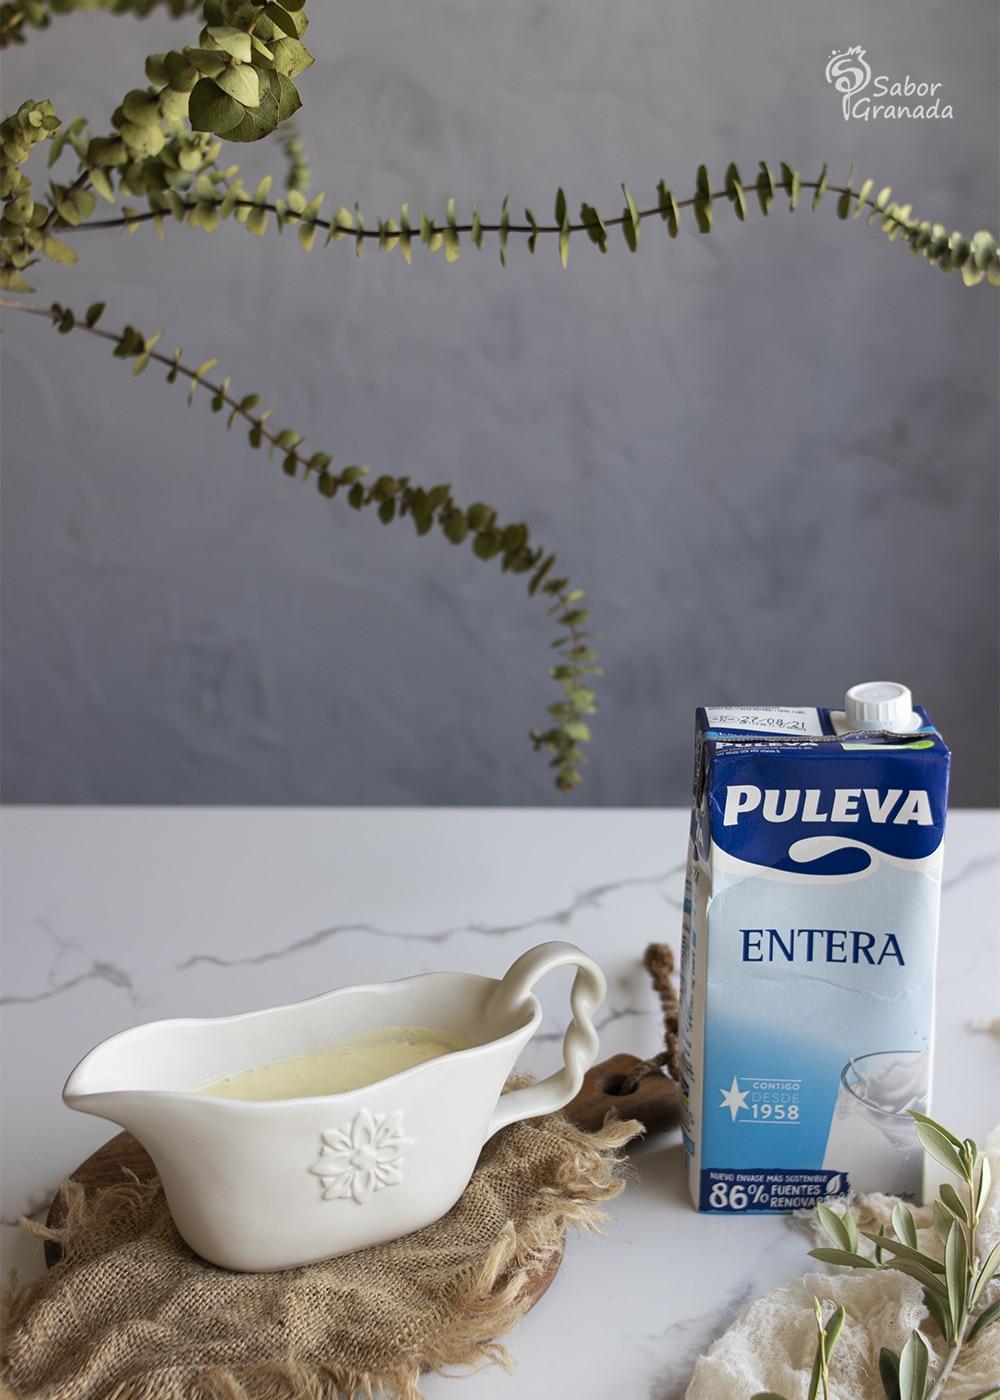 Leche Puleva para hacer ensaladilla de langostinos con lactonesa - Sabor Granada